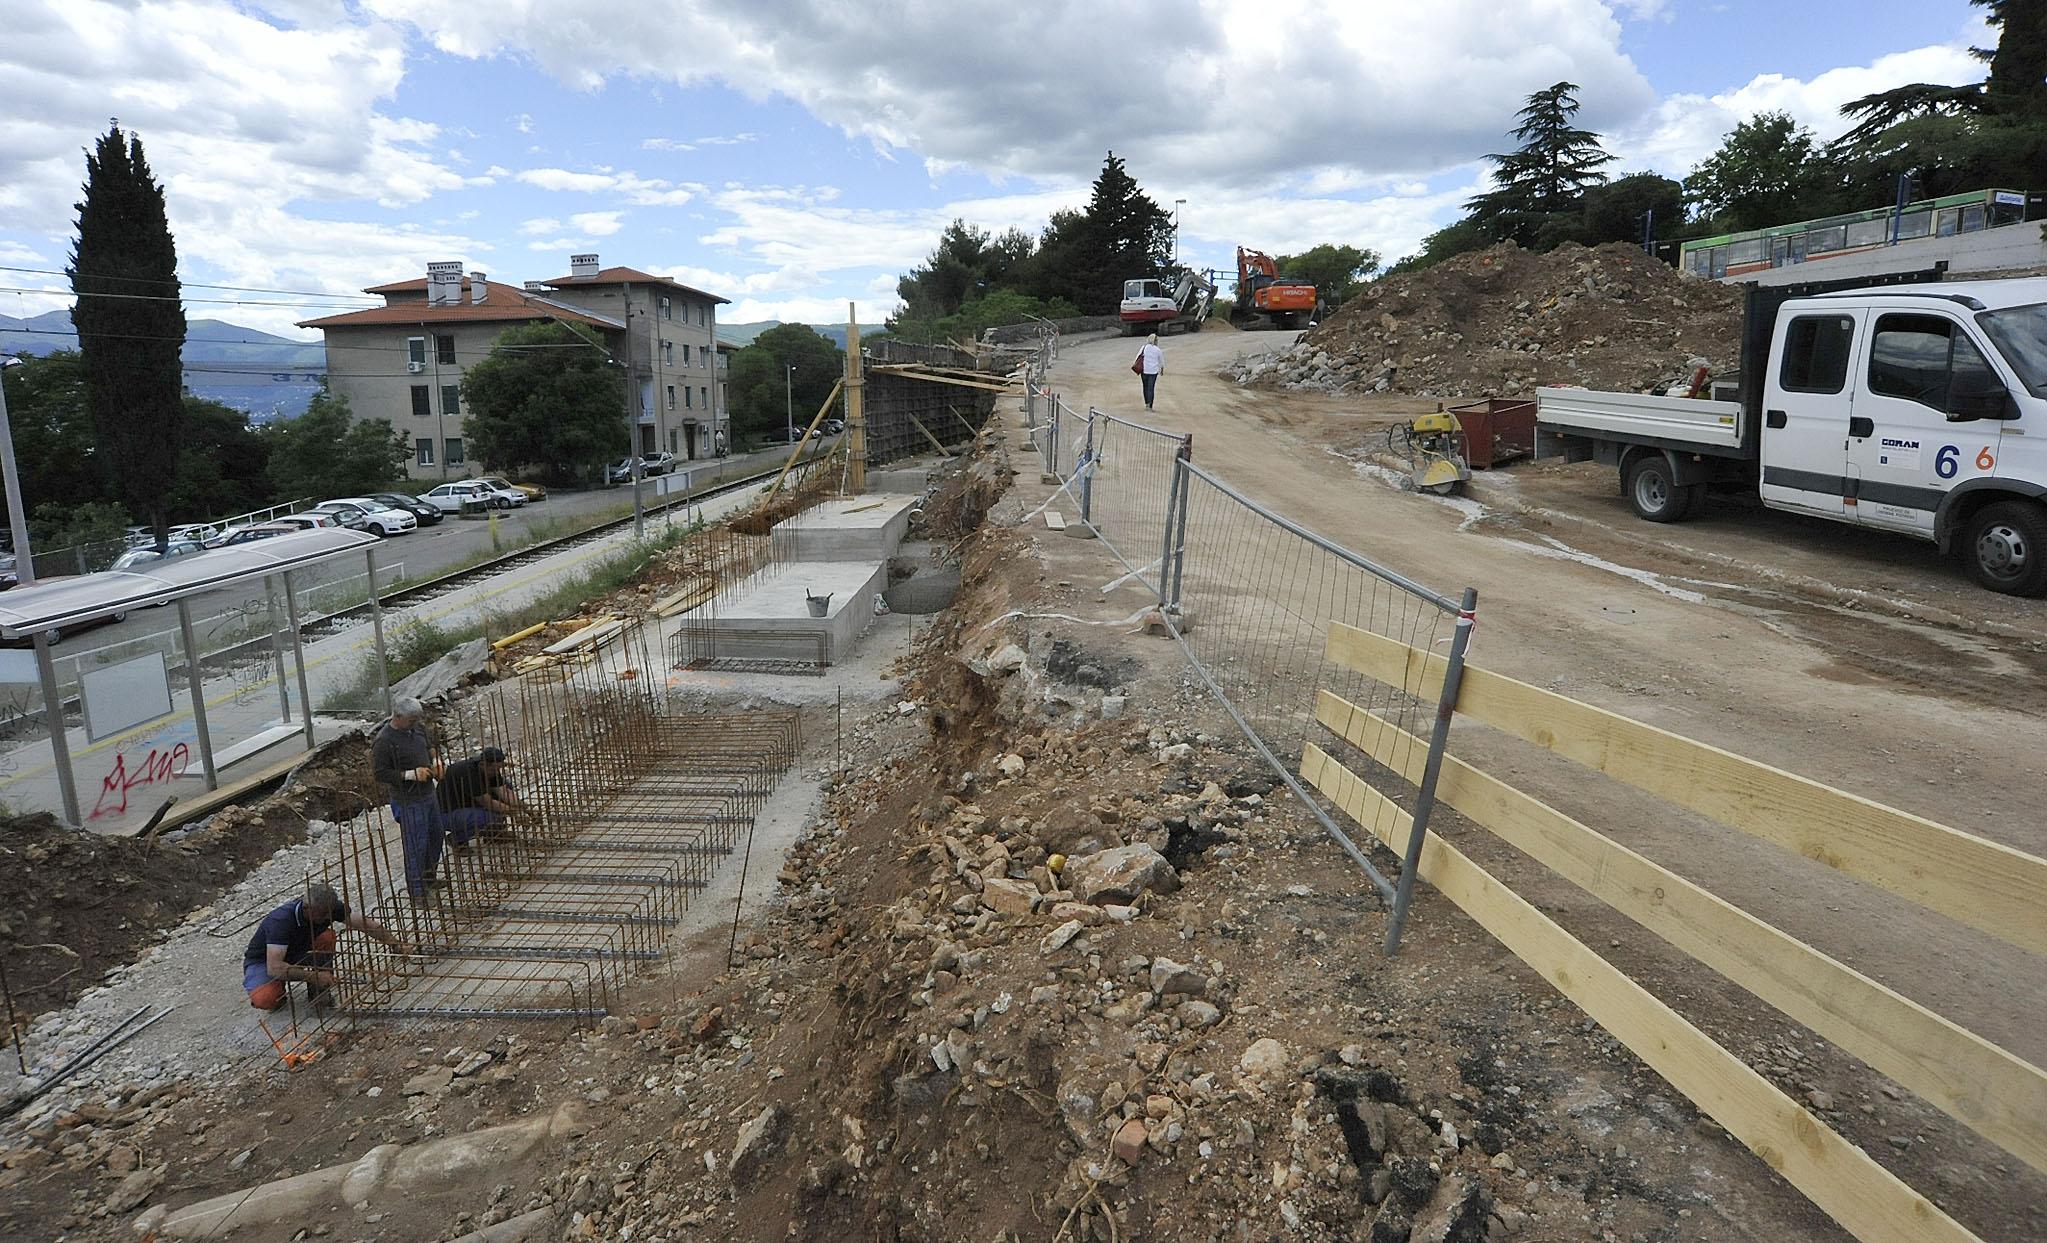 Izgradnja rpometnice U1: Radi se od veljače, punom parom / Foto S. DRECHSLER